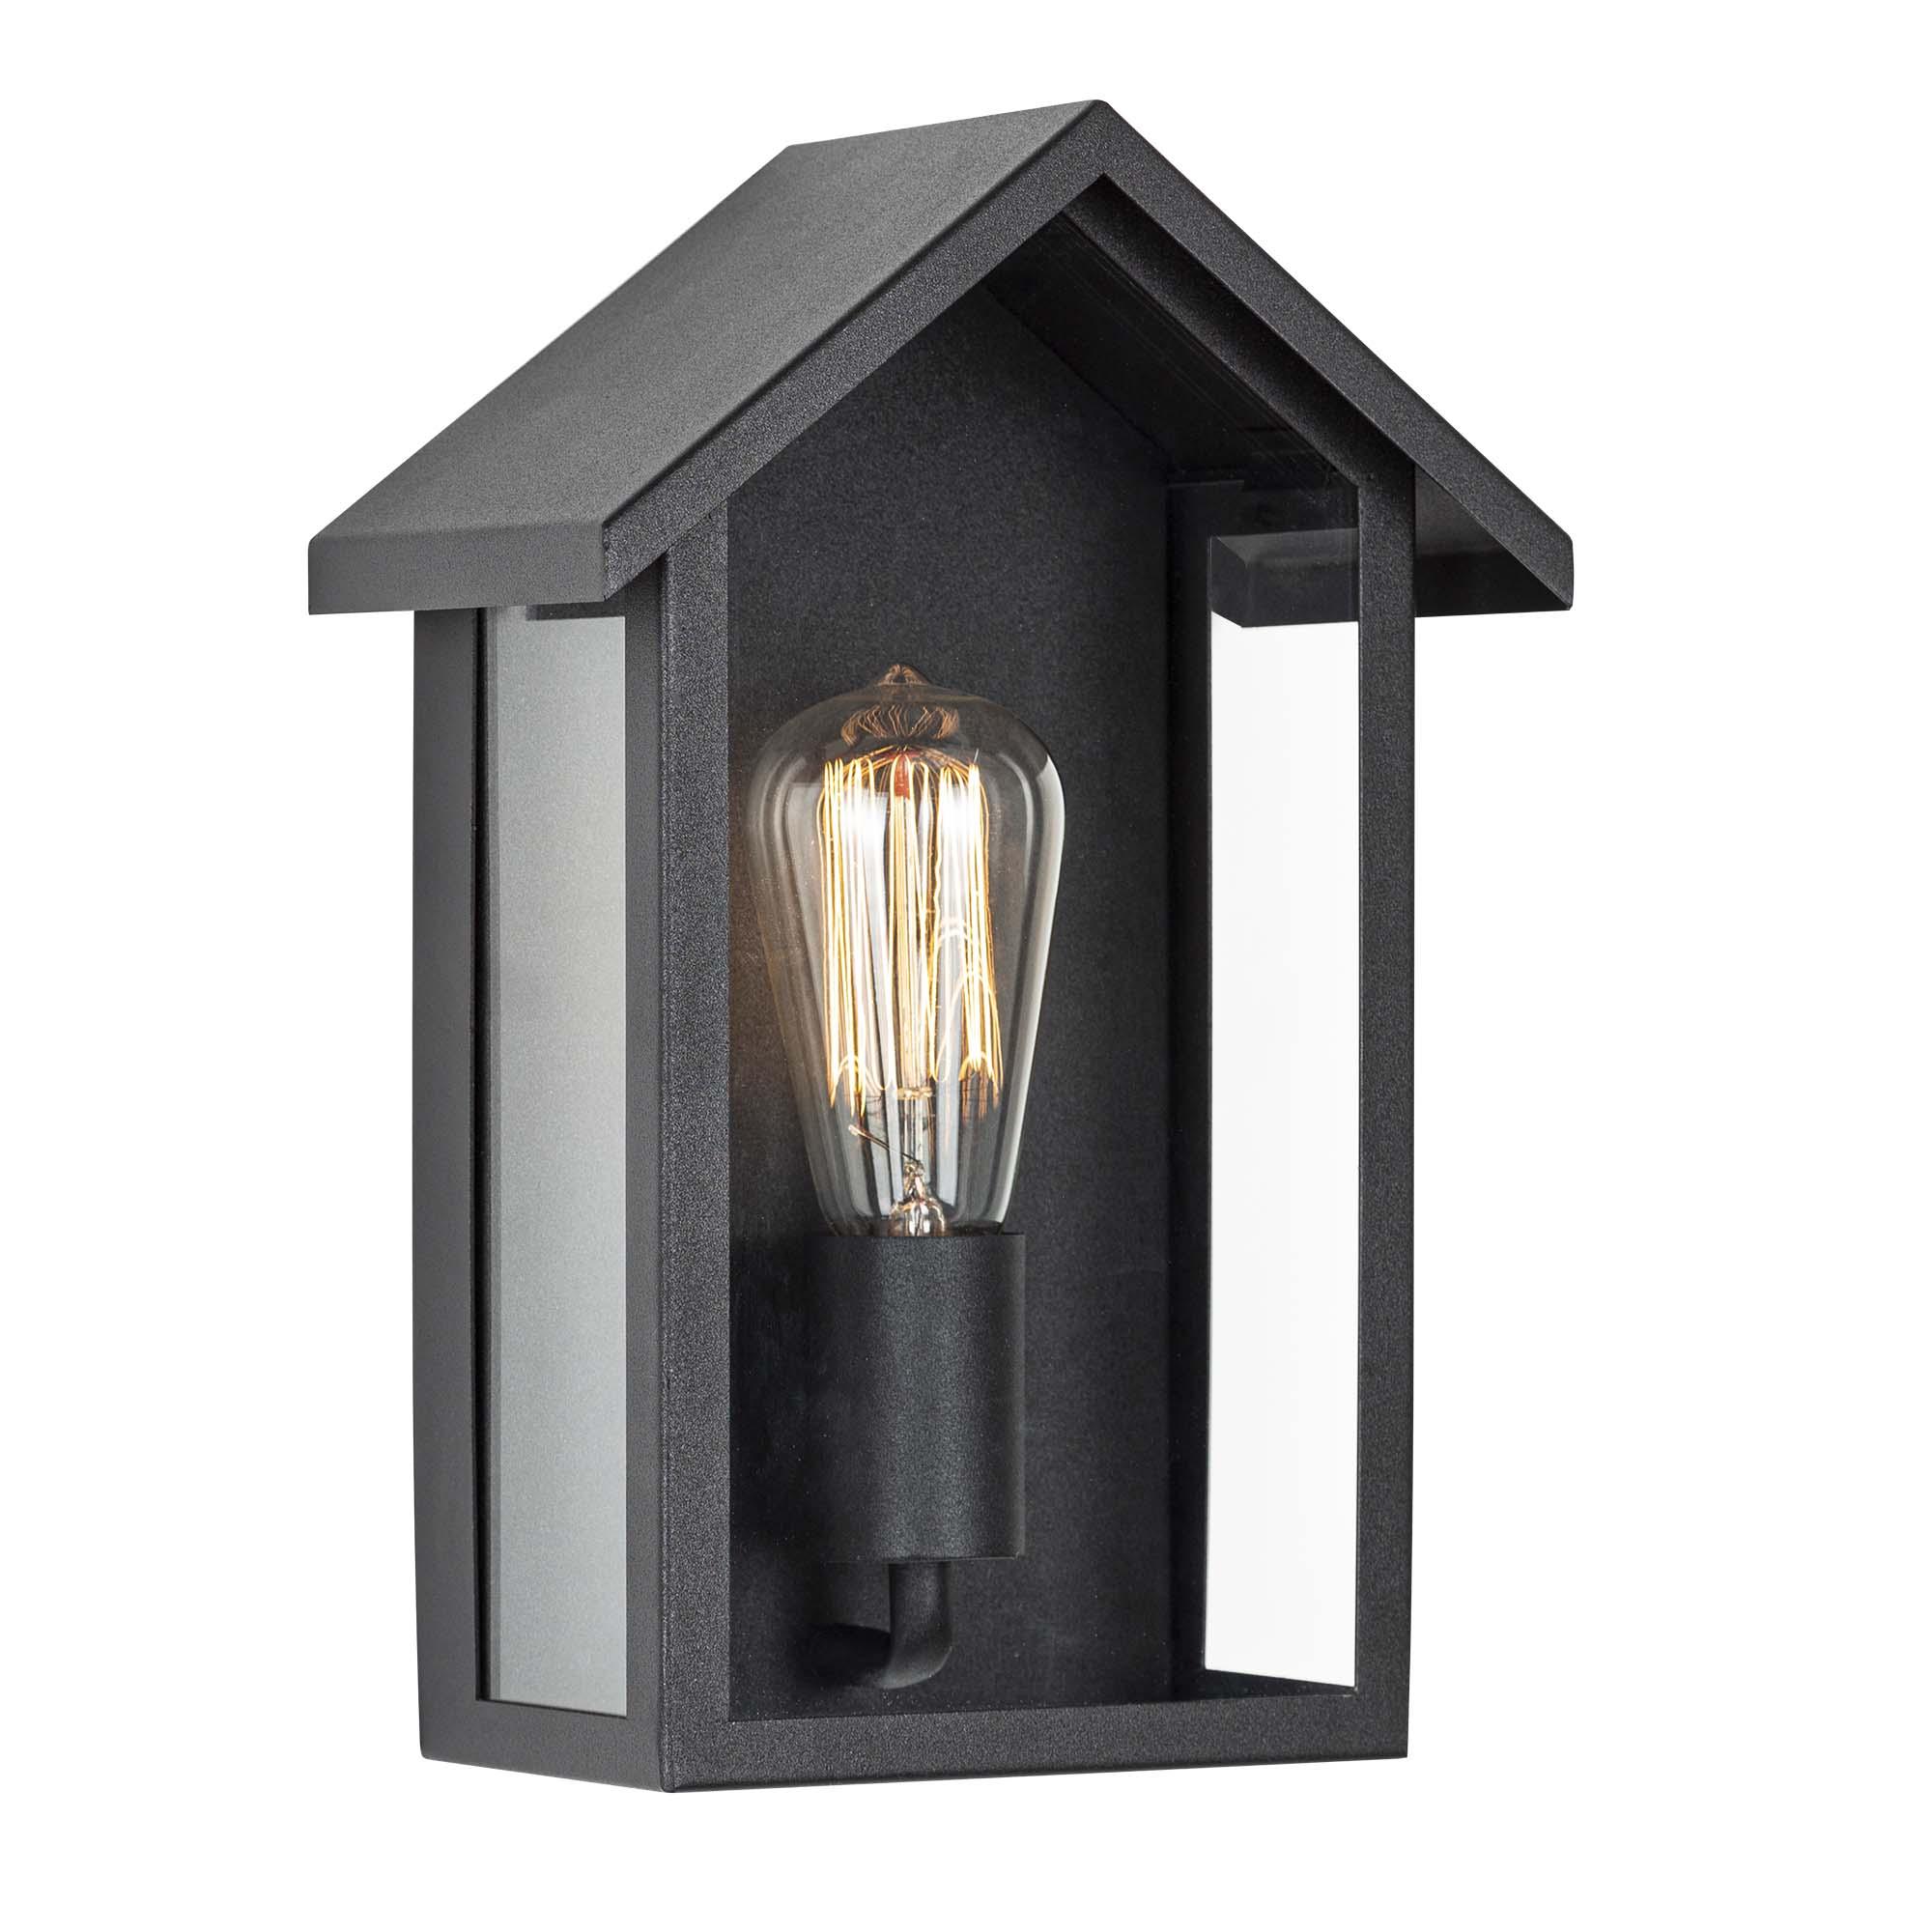 Buitenlamp Casa Zwart Wandlamp Home Design